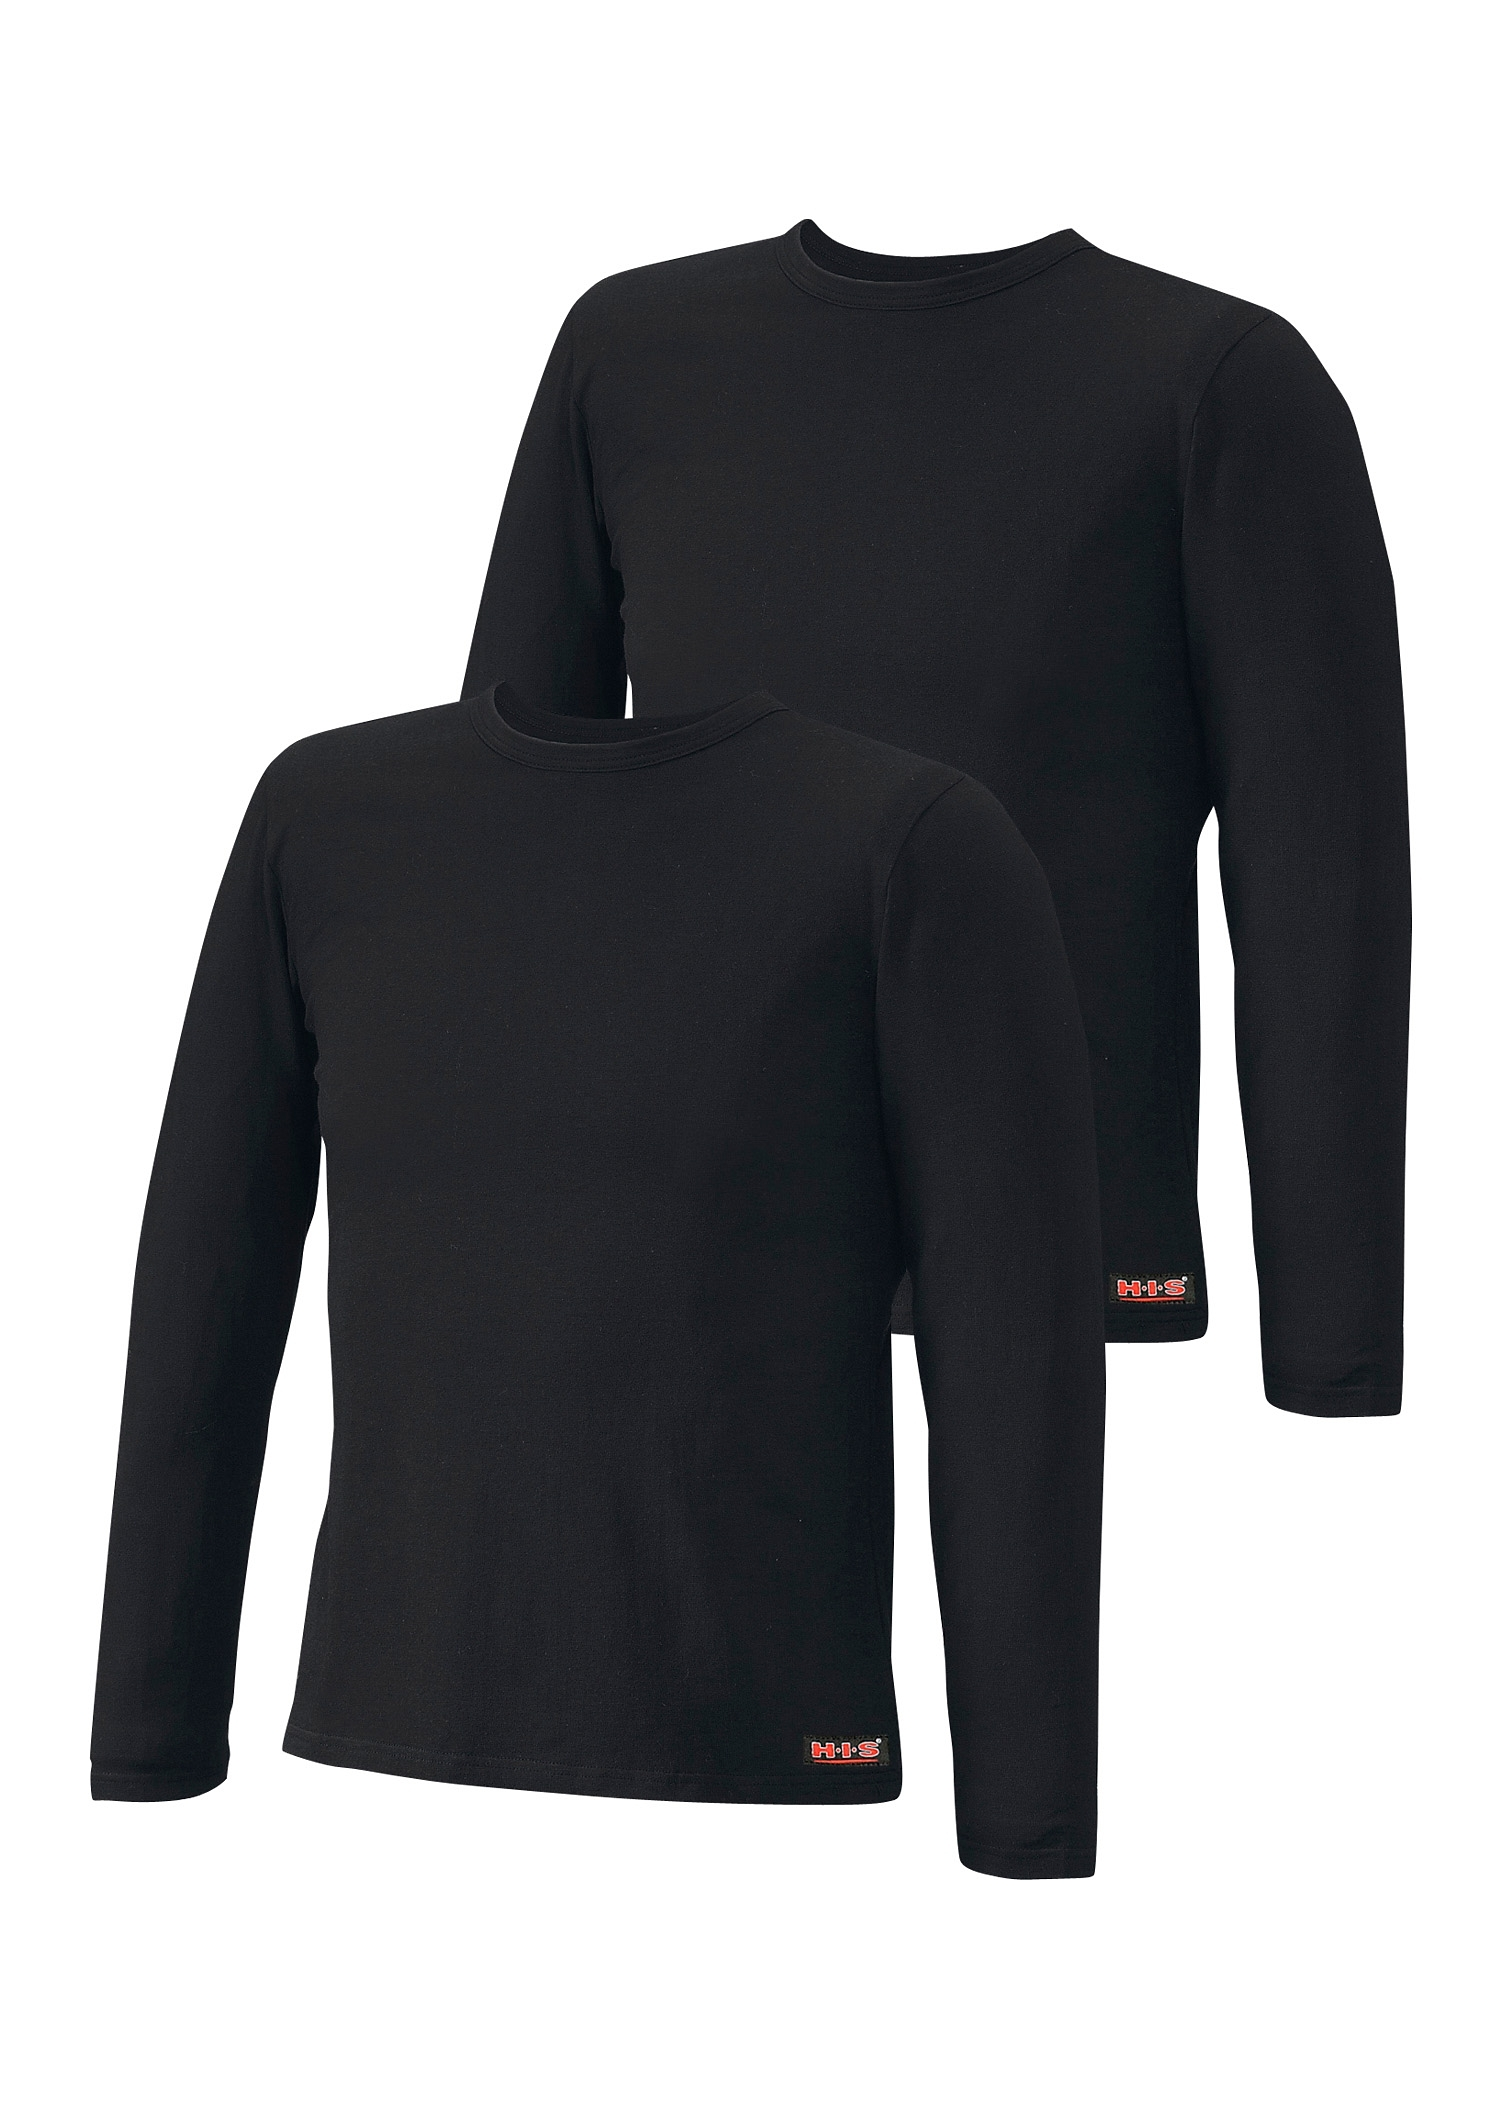 H.I.S shirt met lange mouwen (set van 2) van katoen - gratis ruilen op lascana.nl